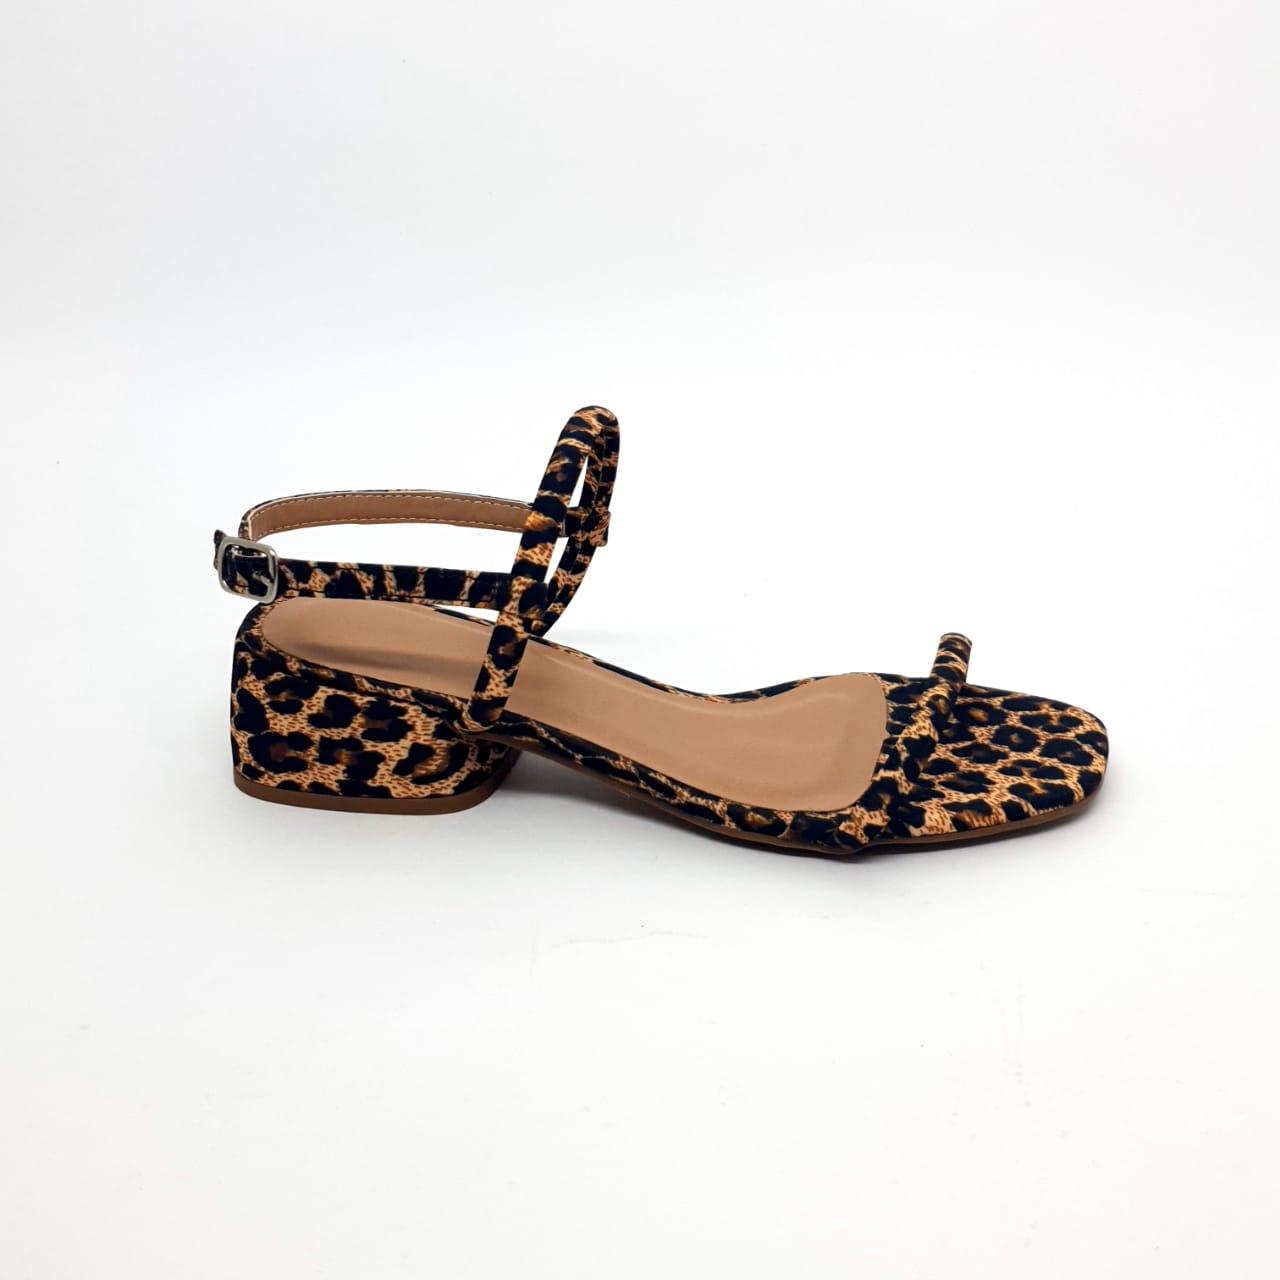 Sandália salto bloco baixo em animal print